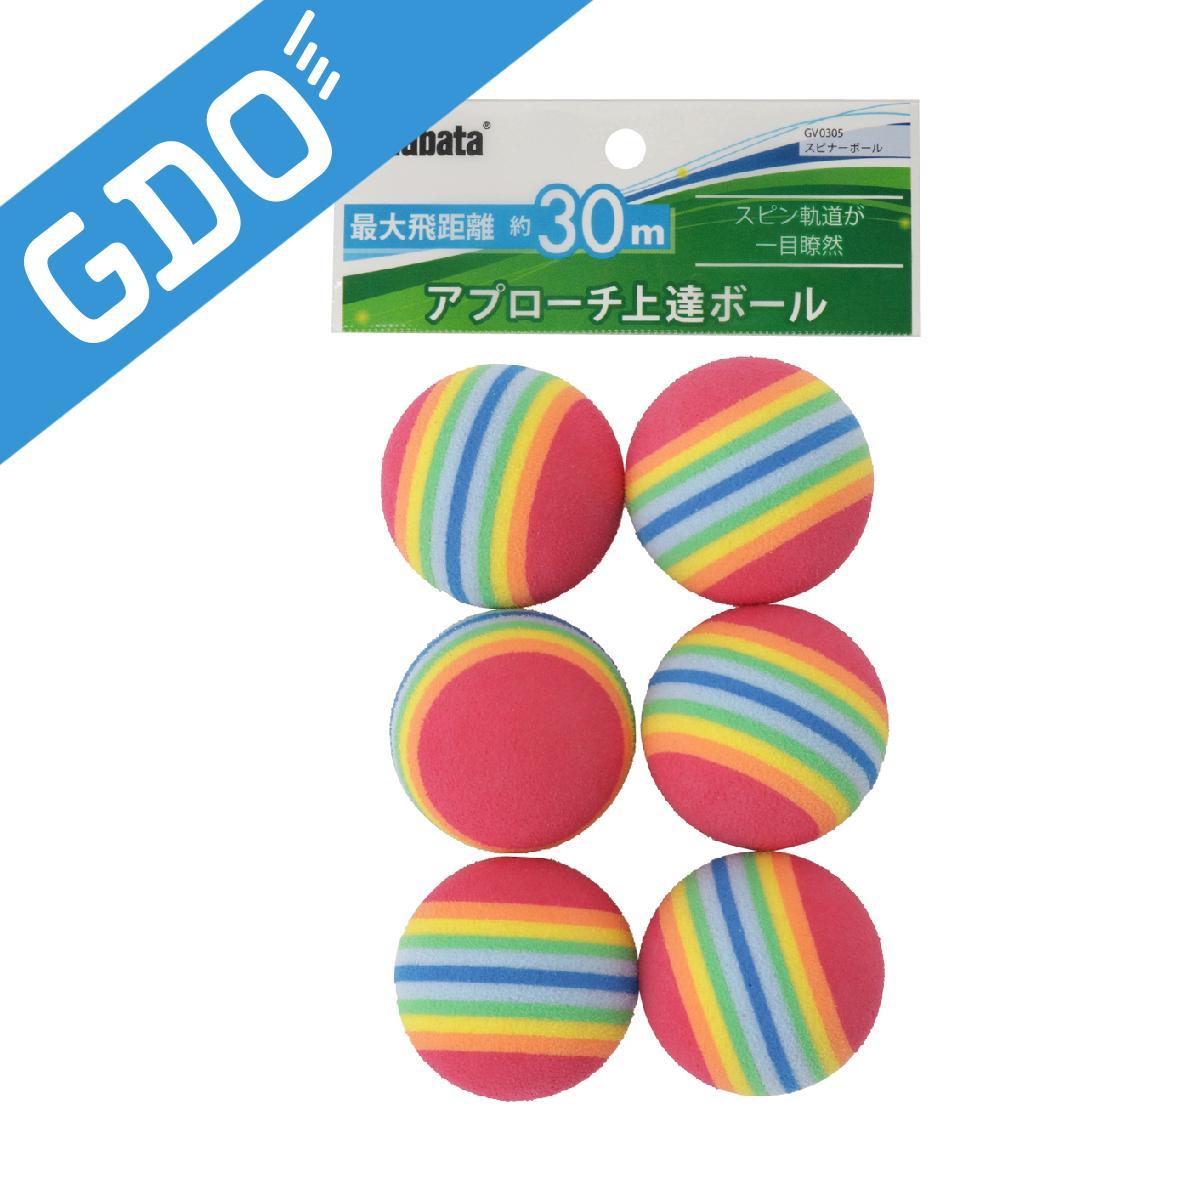 ゴルフ トレーニング用具 GDO GOLF タバタ 市場 スピナーボール !超美品再入荷品質至上! Tabata GV-0305 アプローチ上達トレーニングボール